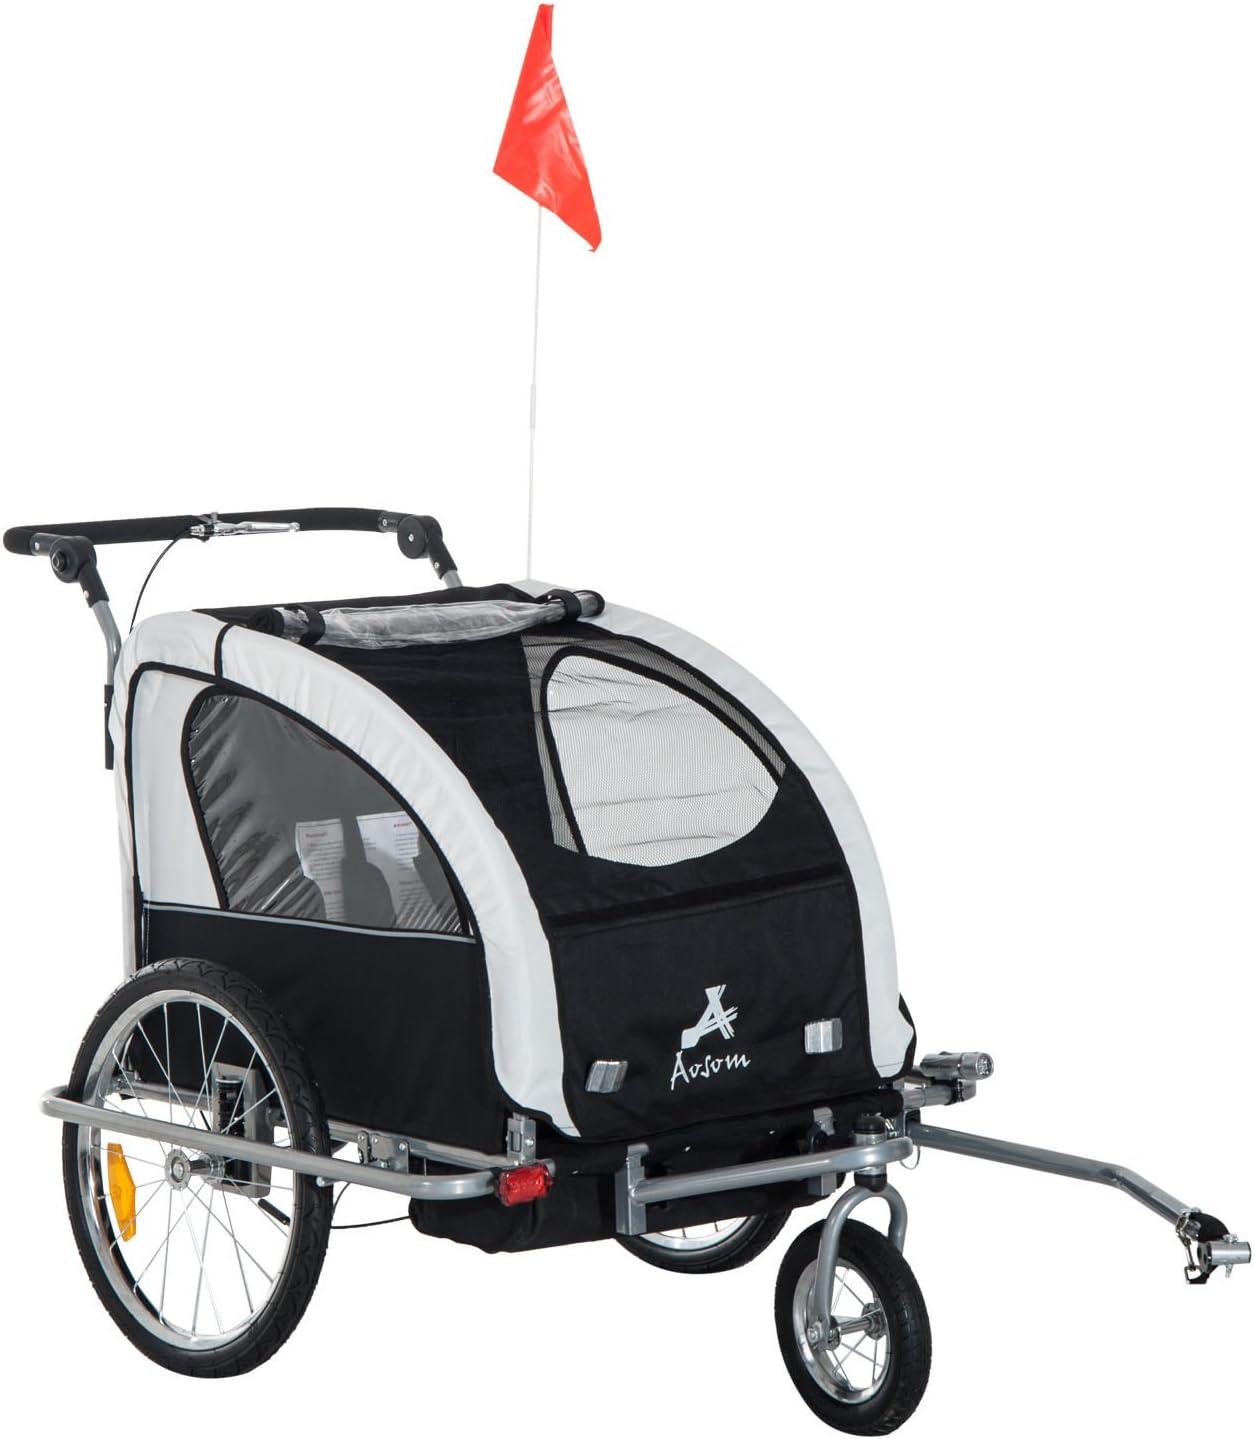 aosom bike trailer for baby